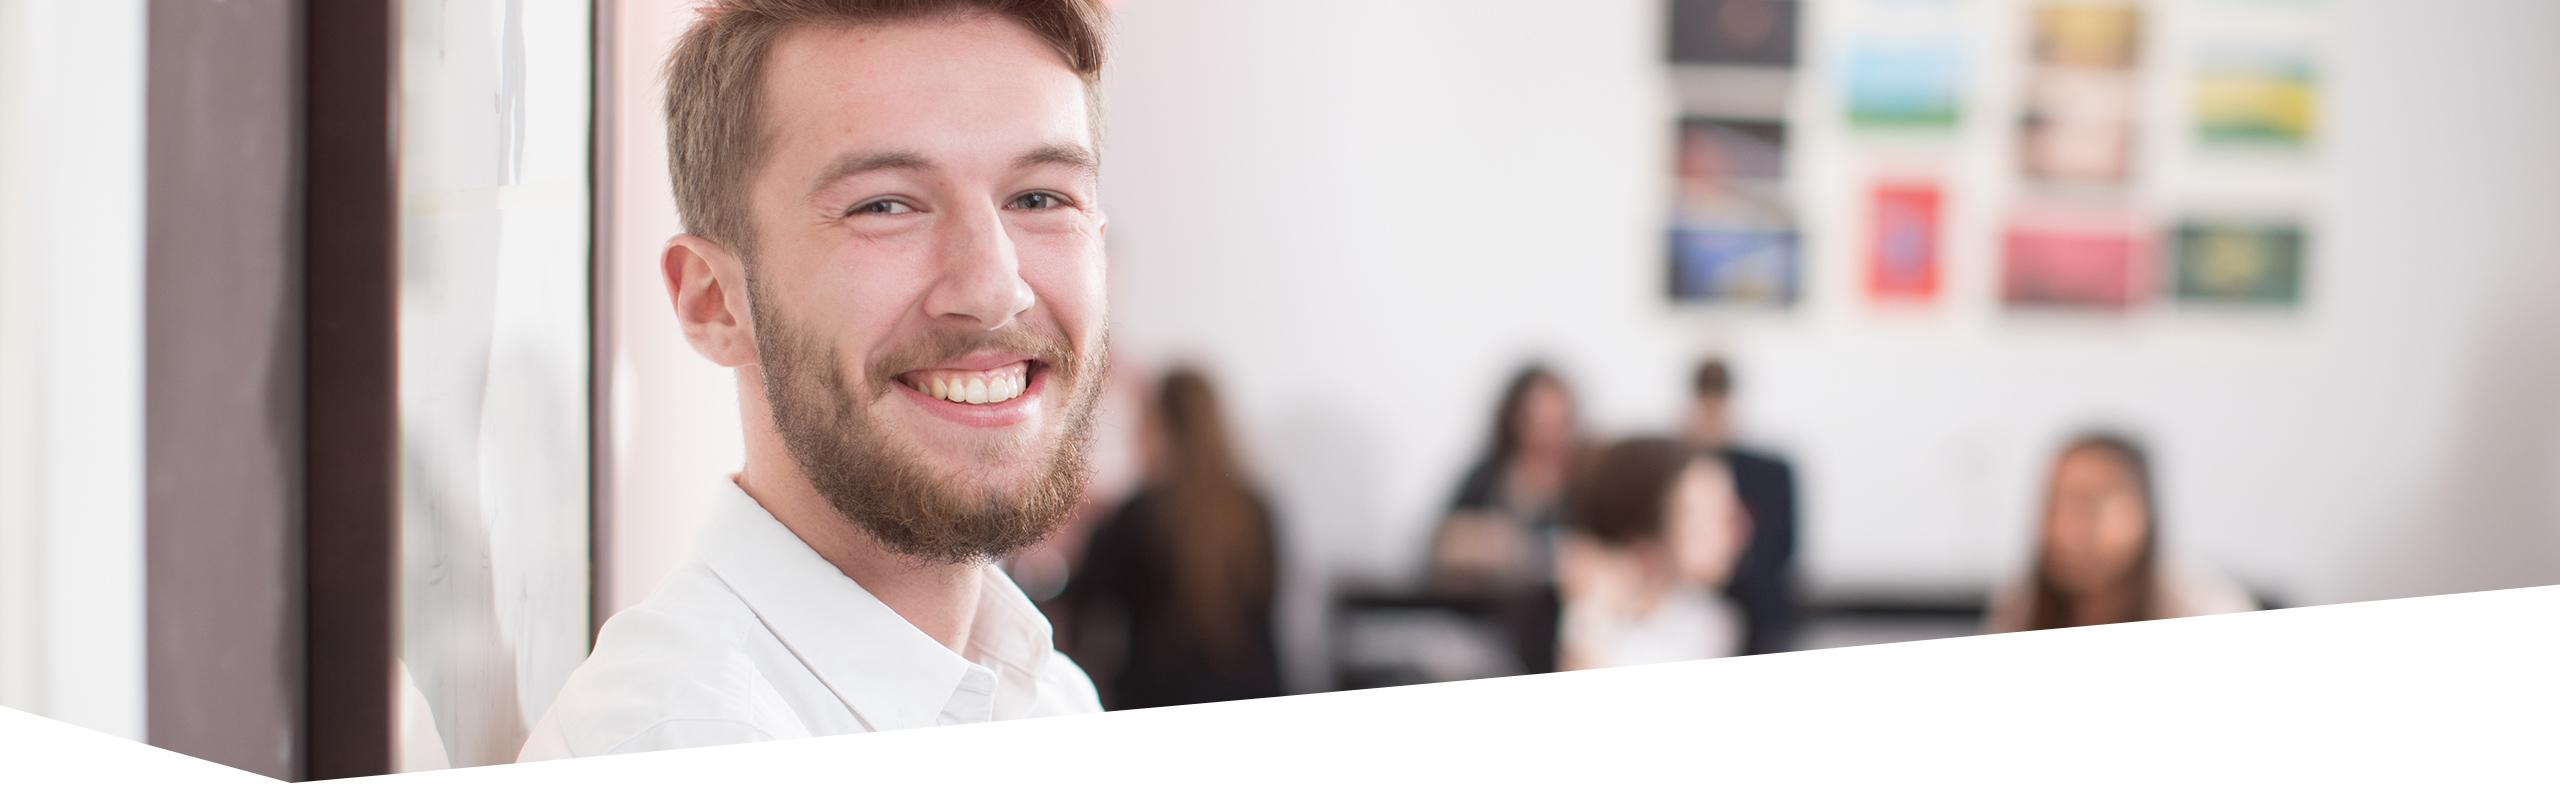 Gesicht von Student, der den Betrachter anlächelt, Seminarraum mit weiteren Schülern im Hintergrund